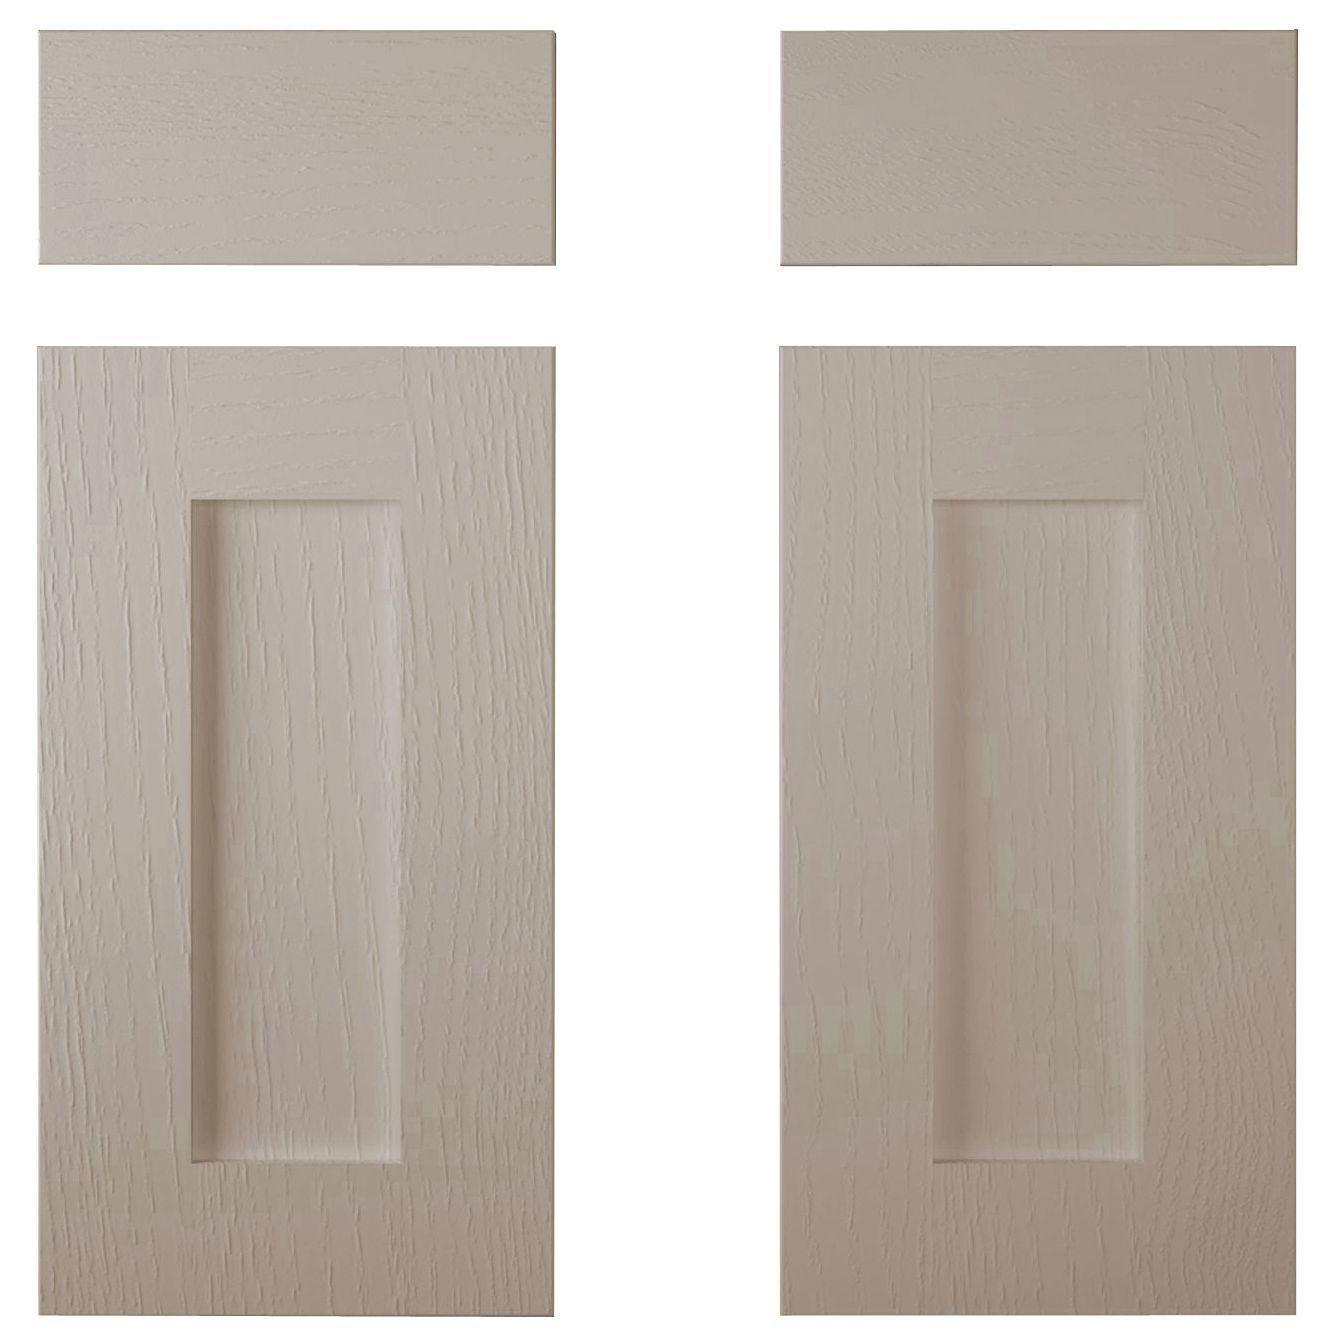 Cooke & Lewis Carisbrooke Taupe Corner Base Drawerline Door (w)925mm, Set Of 2